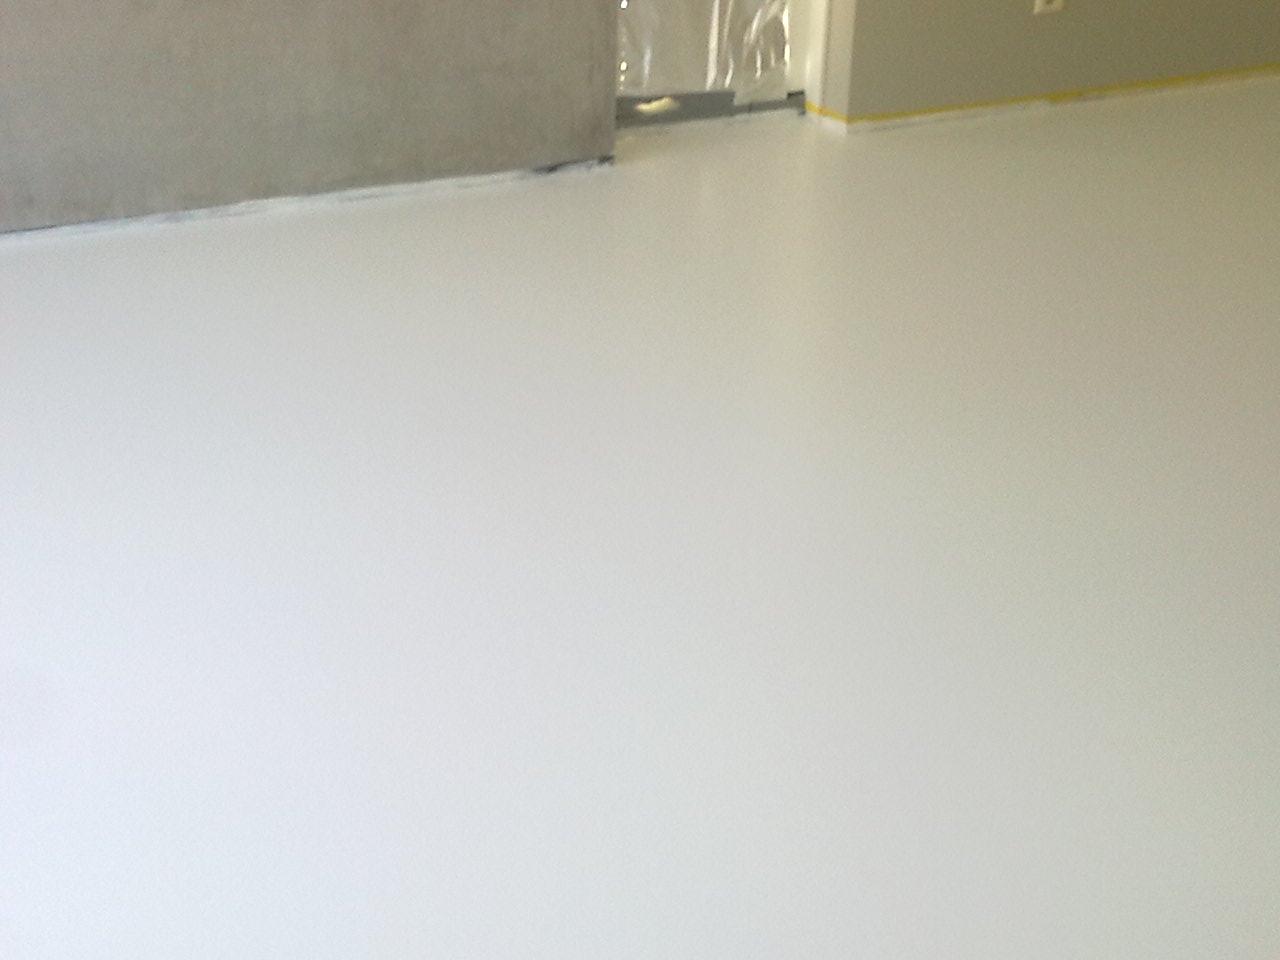 Witte Gietvloer Badkamer: Moderne badkamer met witte gietvloer ...